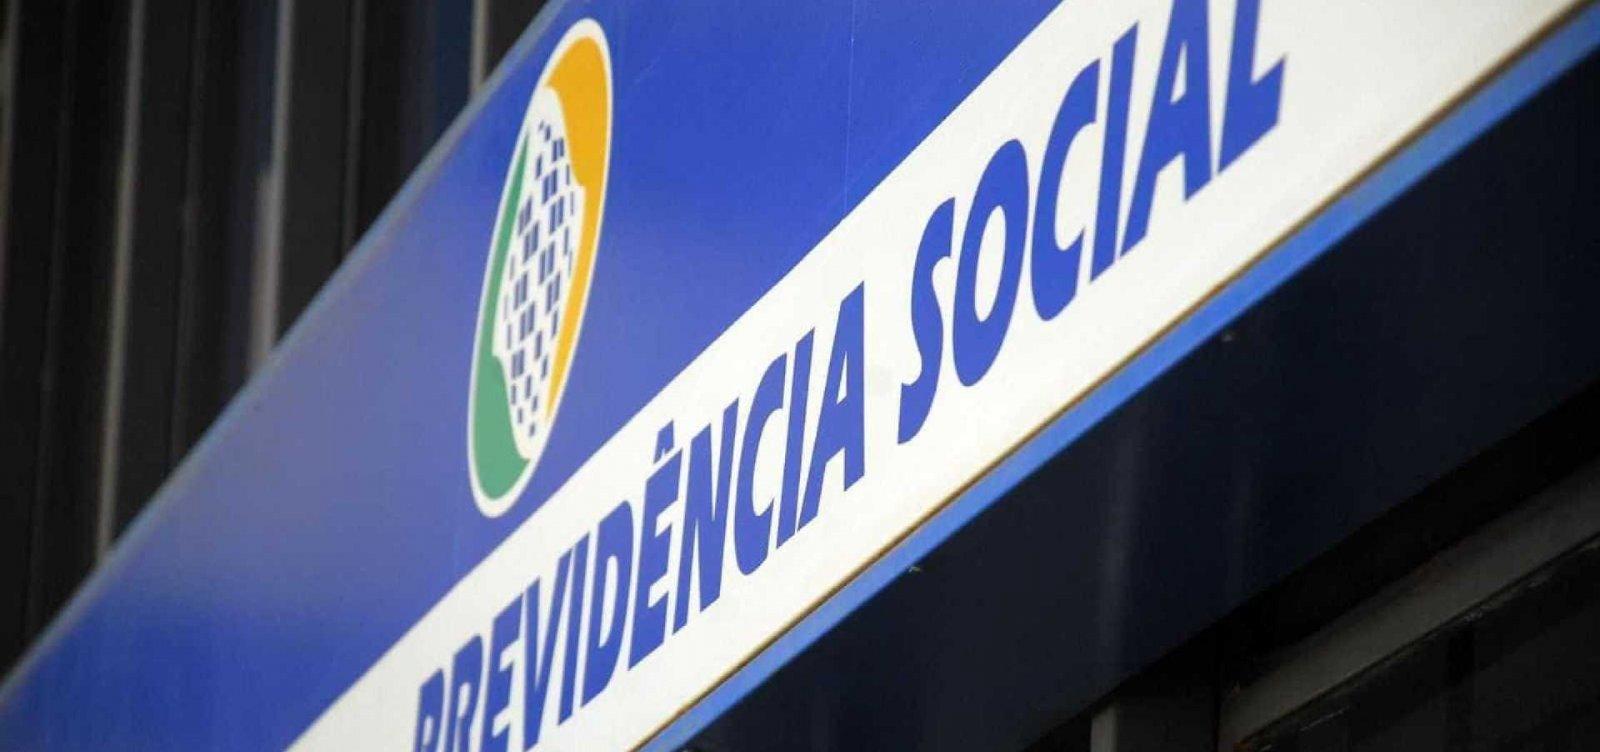 Gasto previdenciário aumentará mais de R$ 50 bilhões por ano sem a reforma, estima governo